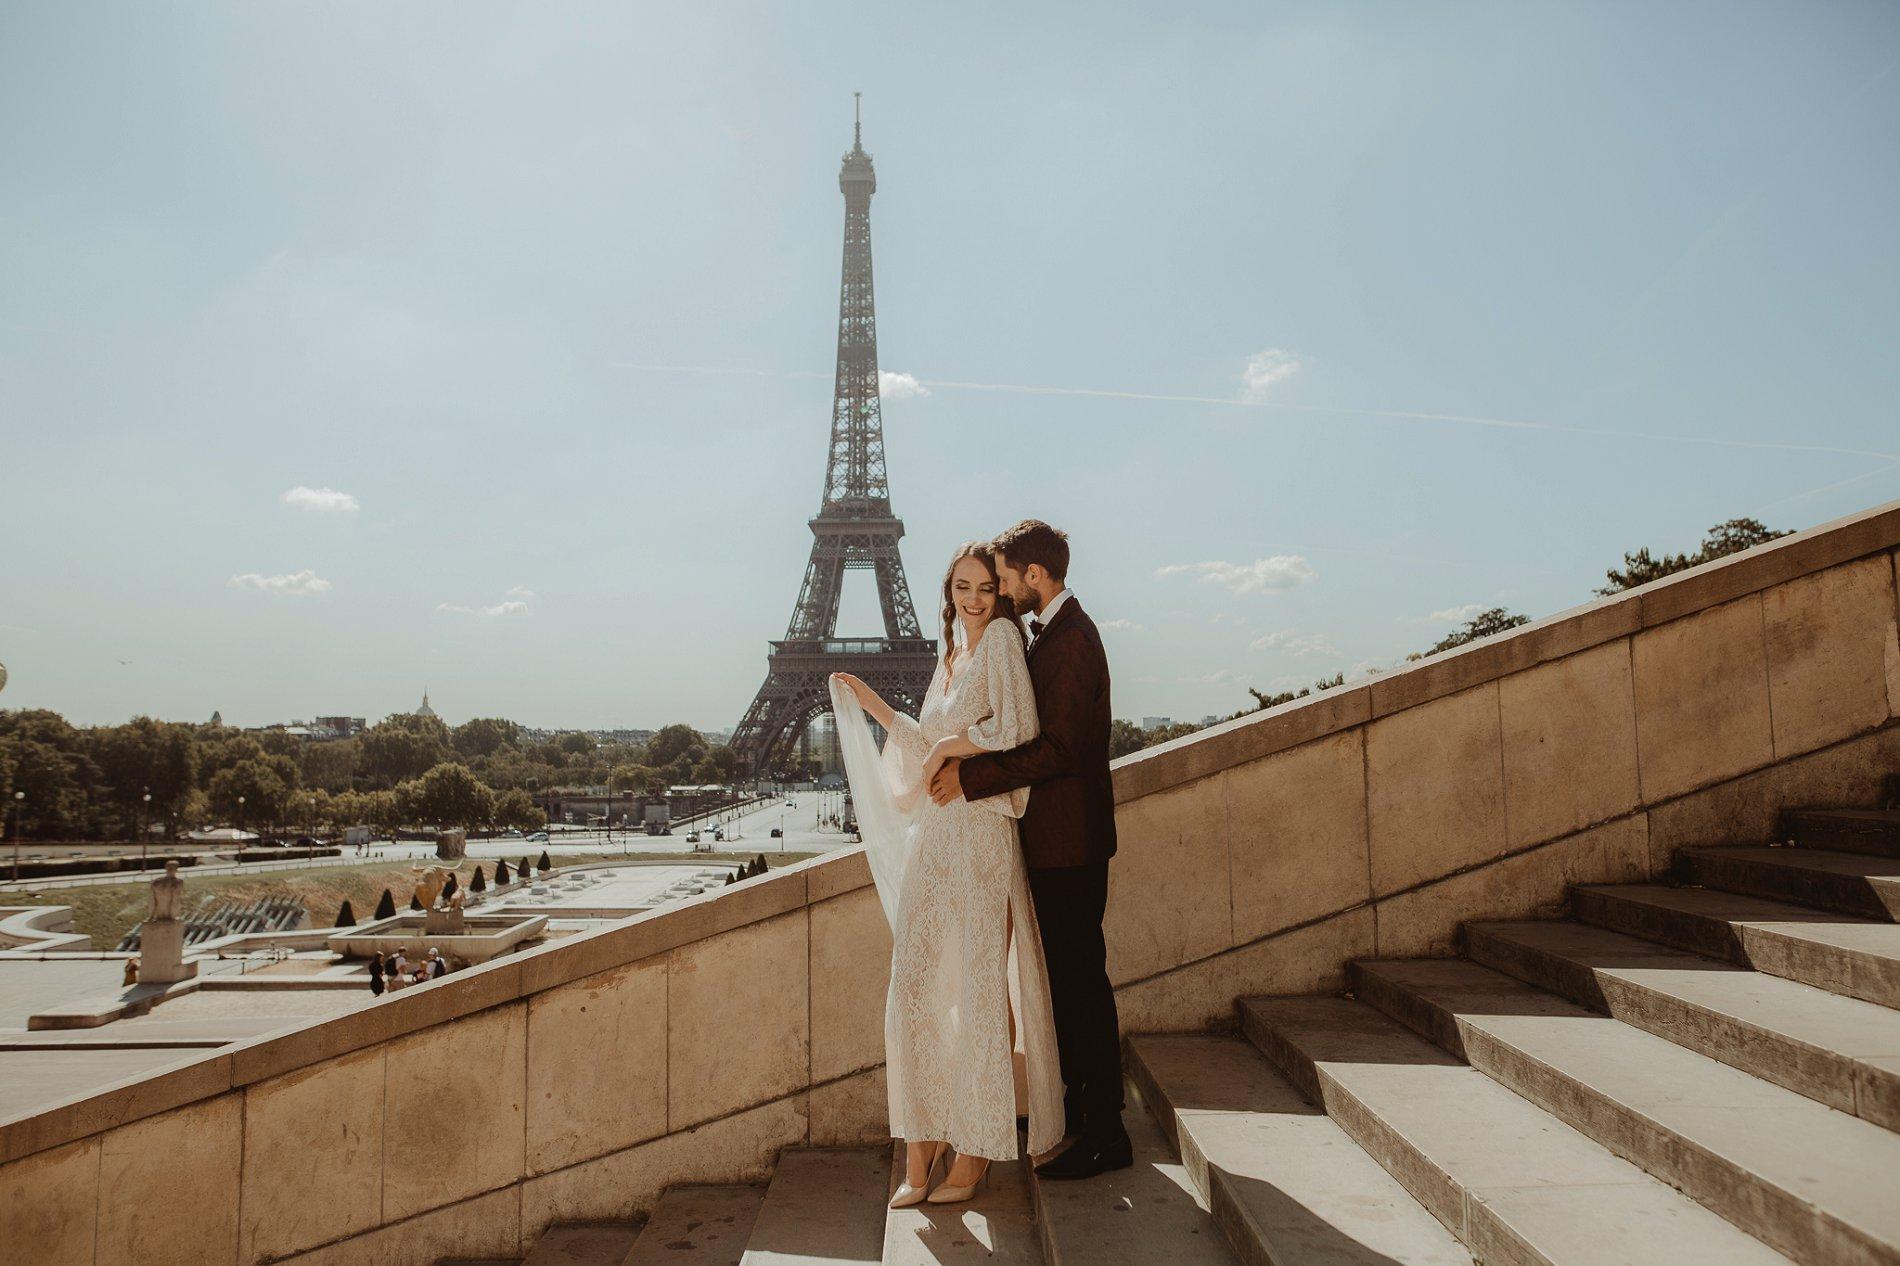 Miss He Bridal Romantic Paris Elopement (c) Xanthe Rowland Photography (9)